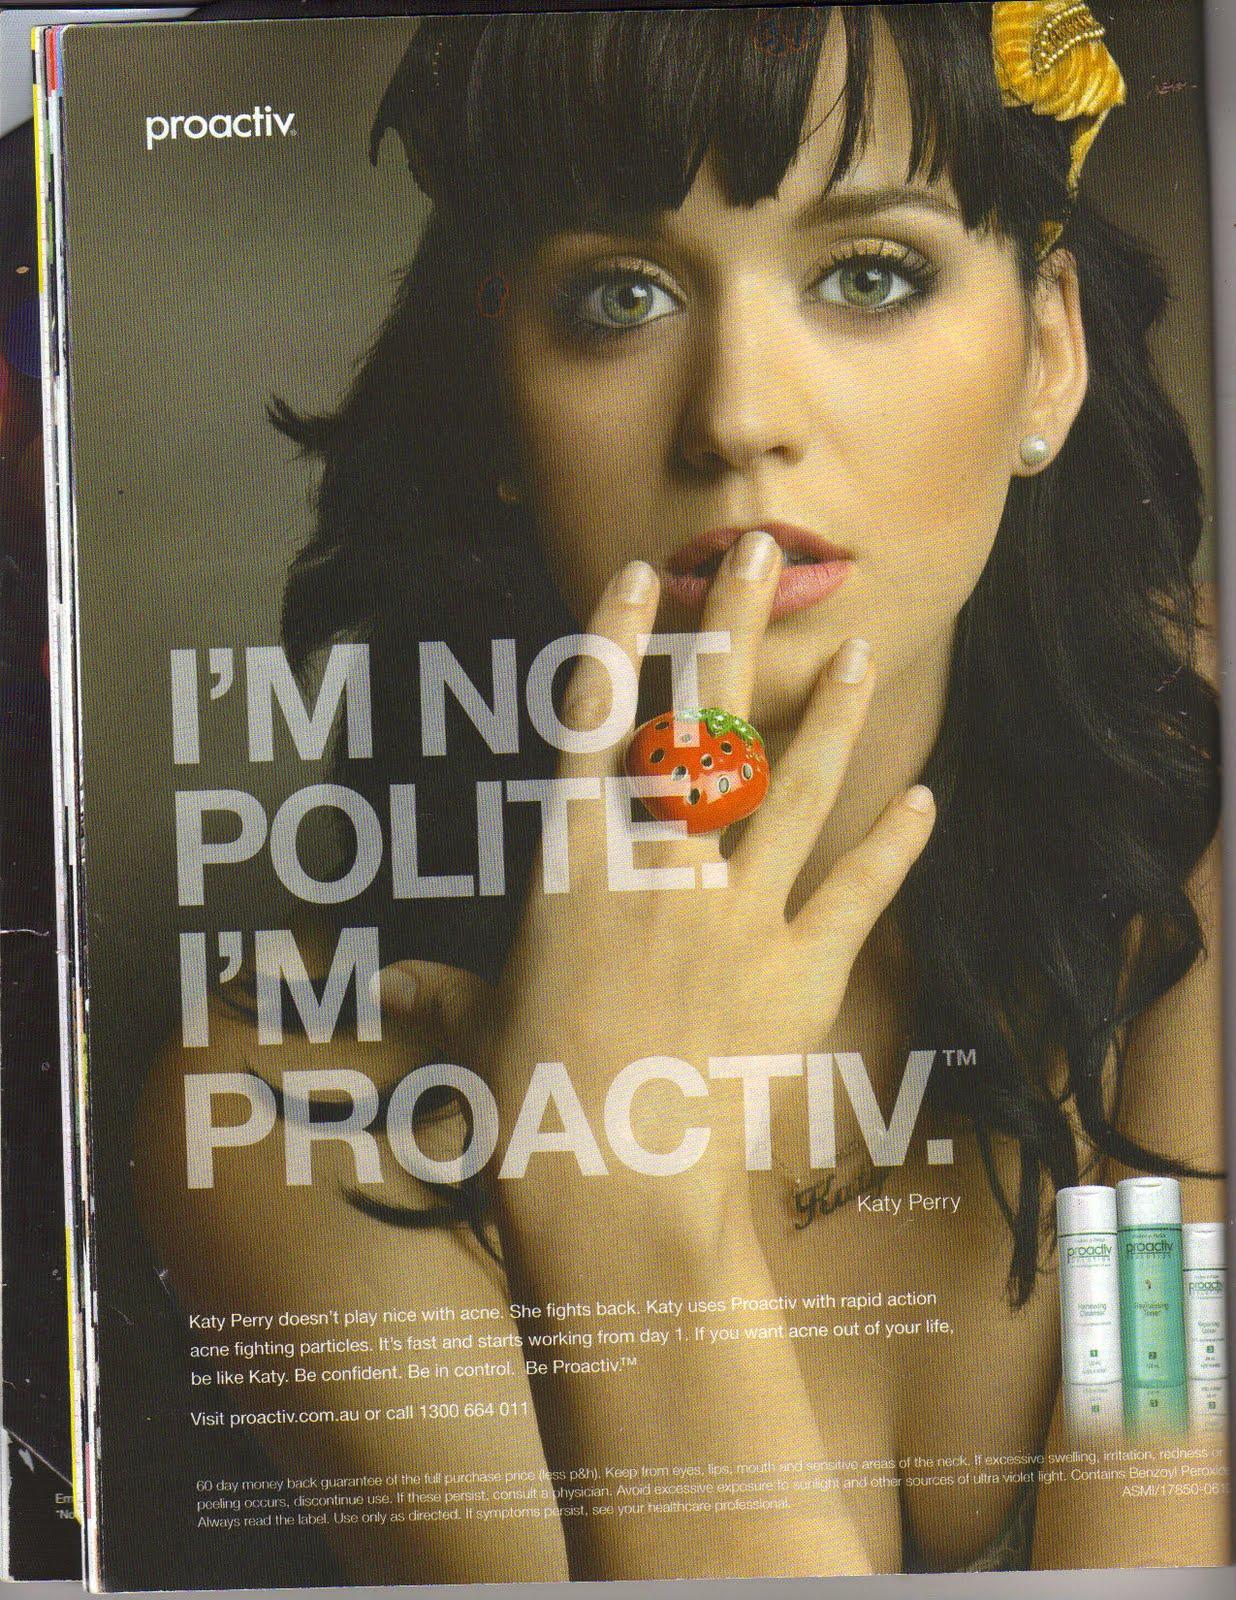 http://3.bp.blogspot.com/_XSilq2qYh6c/TJp3QQ7tS4I/AAAAAAAAAB8/EpT_A4RLzWE/s1600/Katy+Perry+AD.jpg